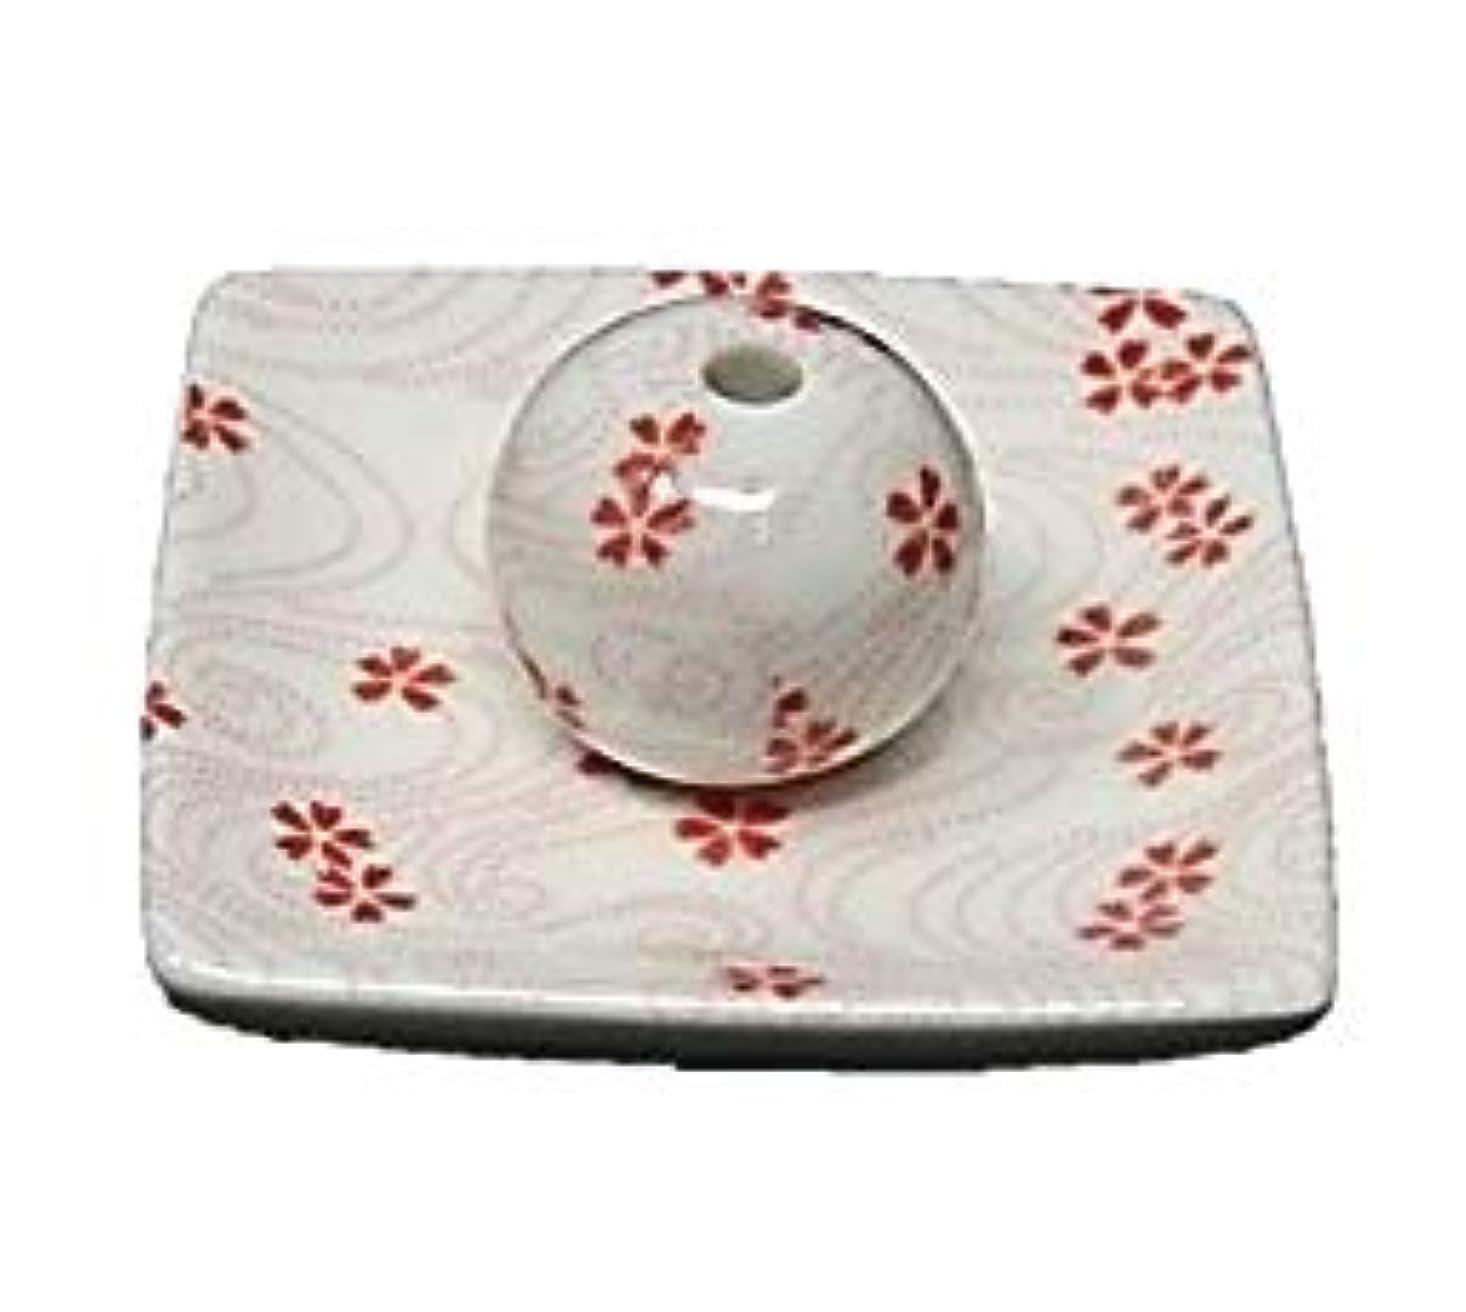 謎めいたシールド中絶桜渦 小角皿 お香立て 陶器 お香たて 製造直売 桜 さくら ACSWEBSHOPオリジナル